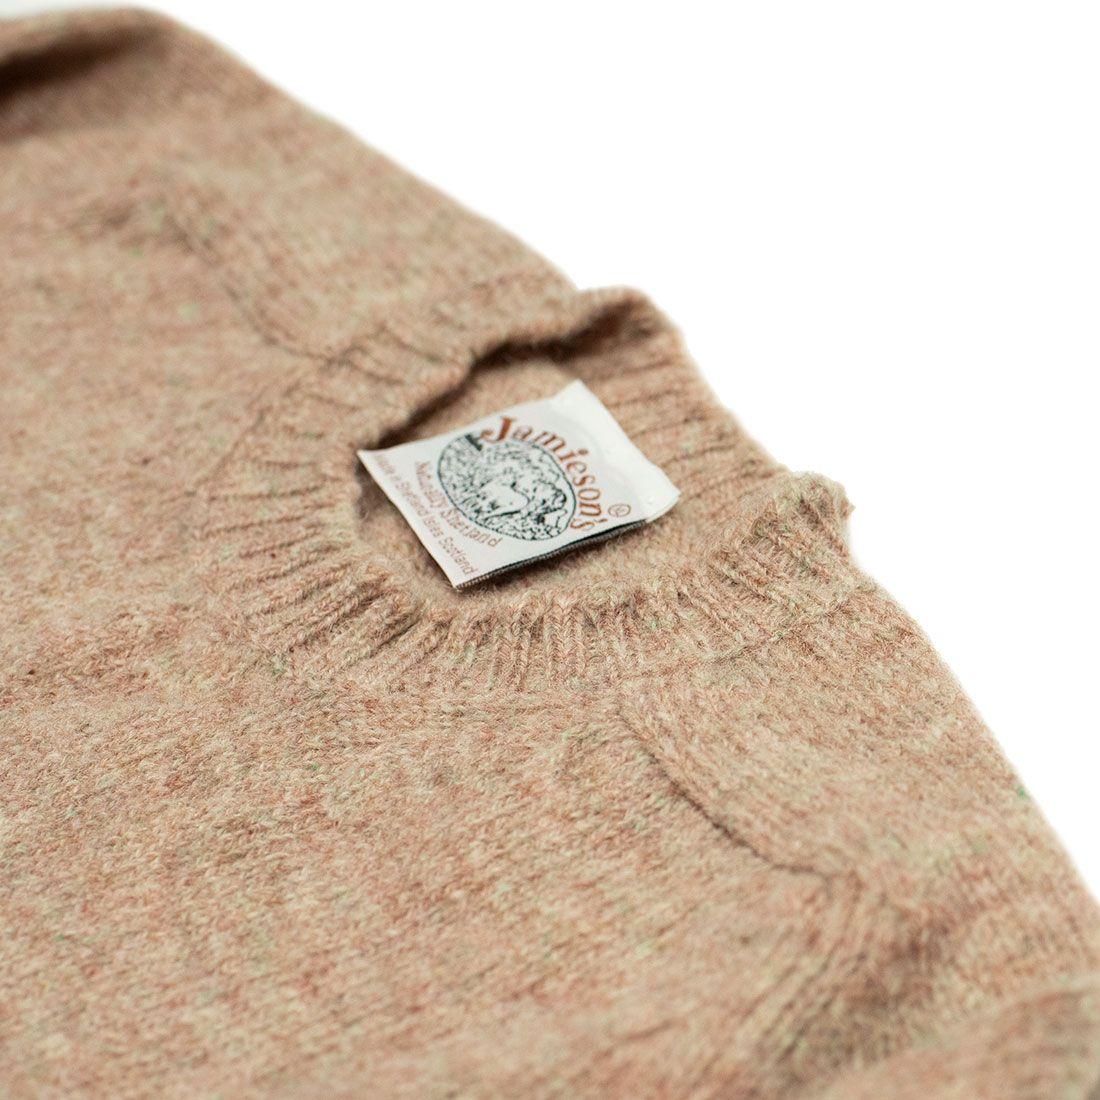 20201124 20200919 NMWA Jamiesons Shetland wool sweater oyster blush pink 02.jpg